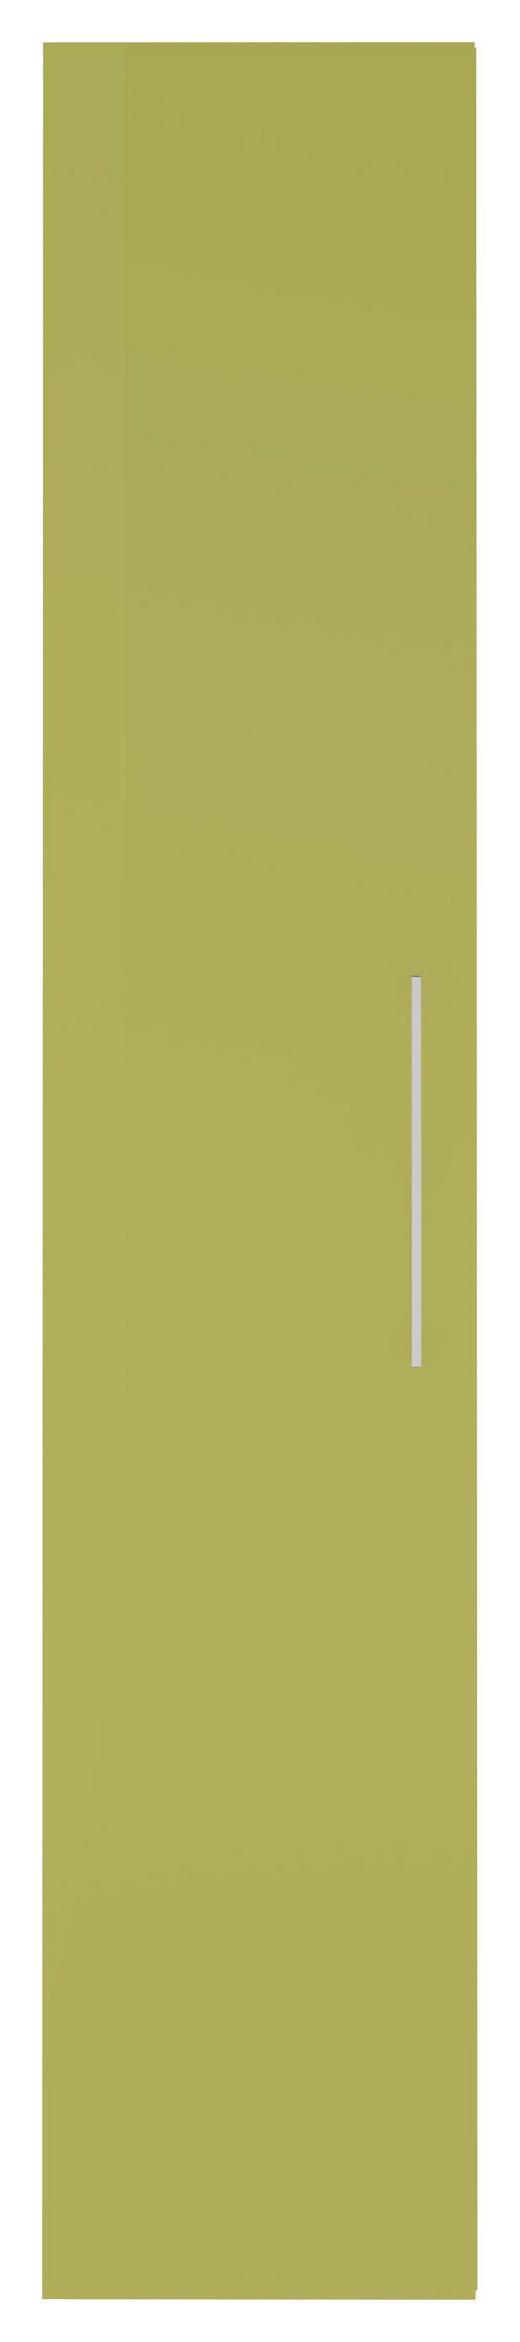 DREHTÜRENSCHRANK 1-türig Grün, Weiß - Chromfarben/Weiß, Design, Holzwerkstoff/Metall (40/208/57cm) - Carryhome